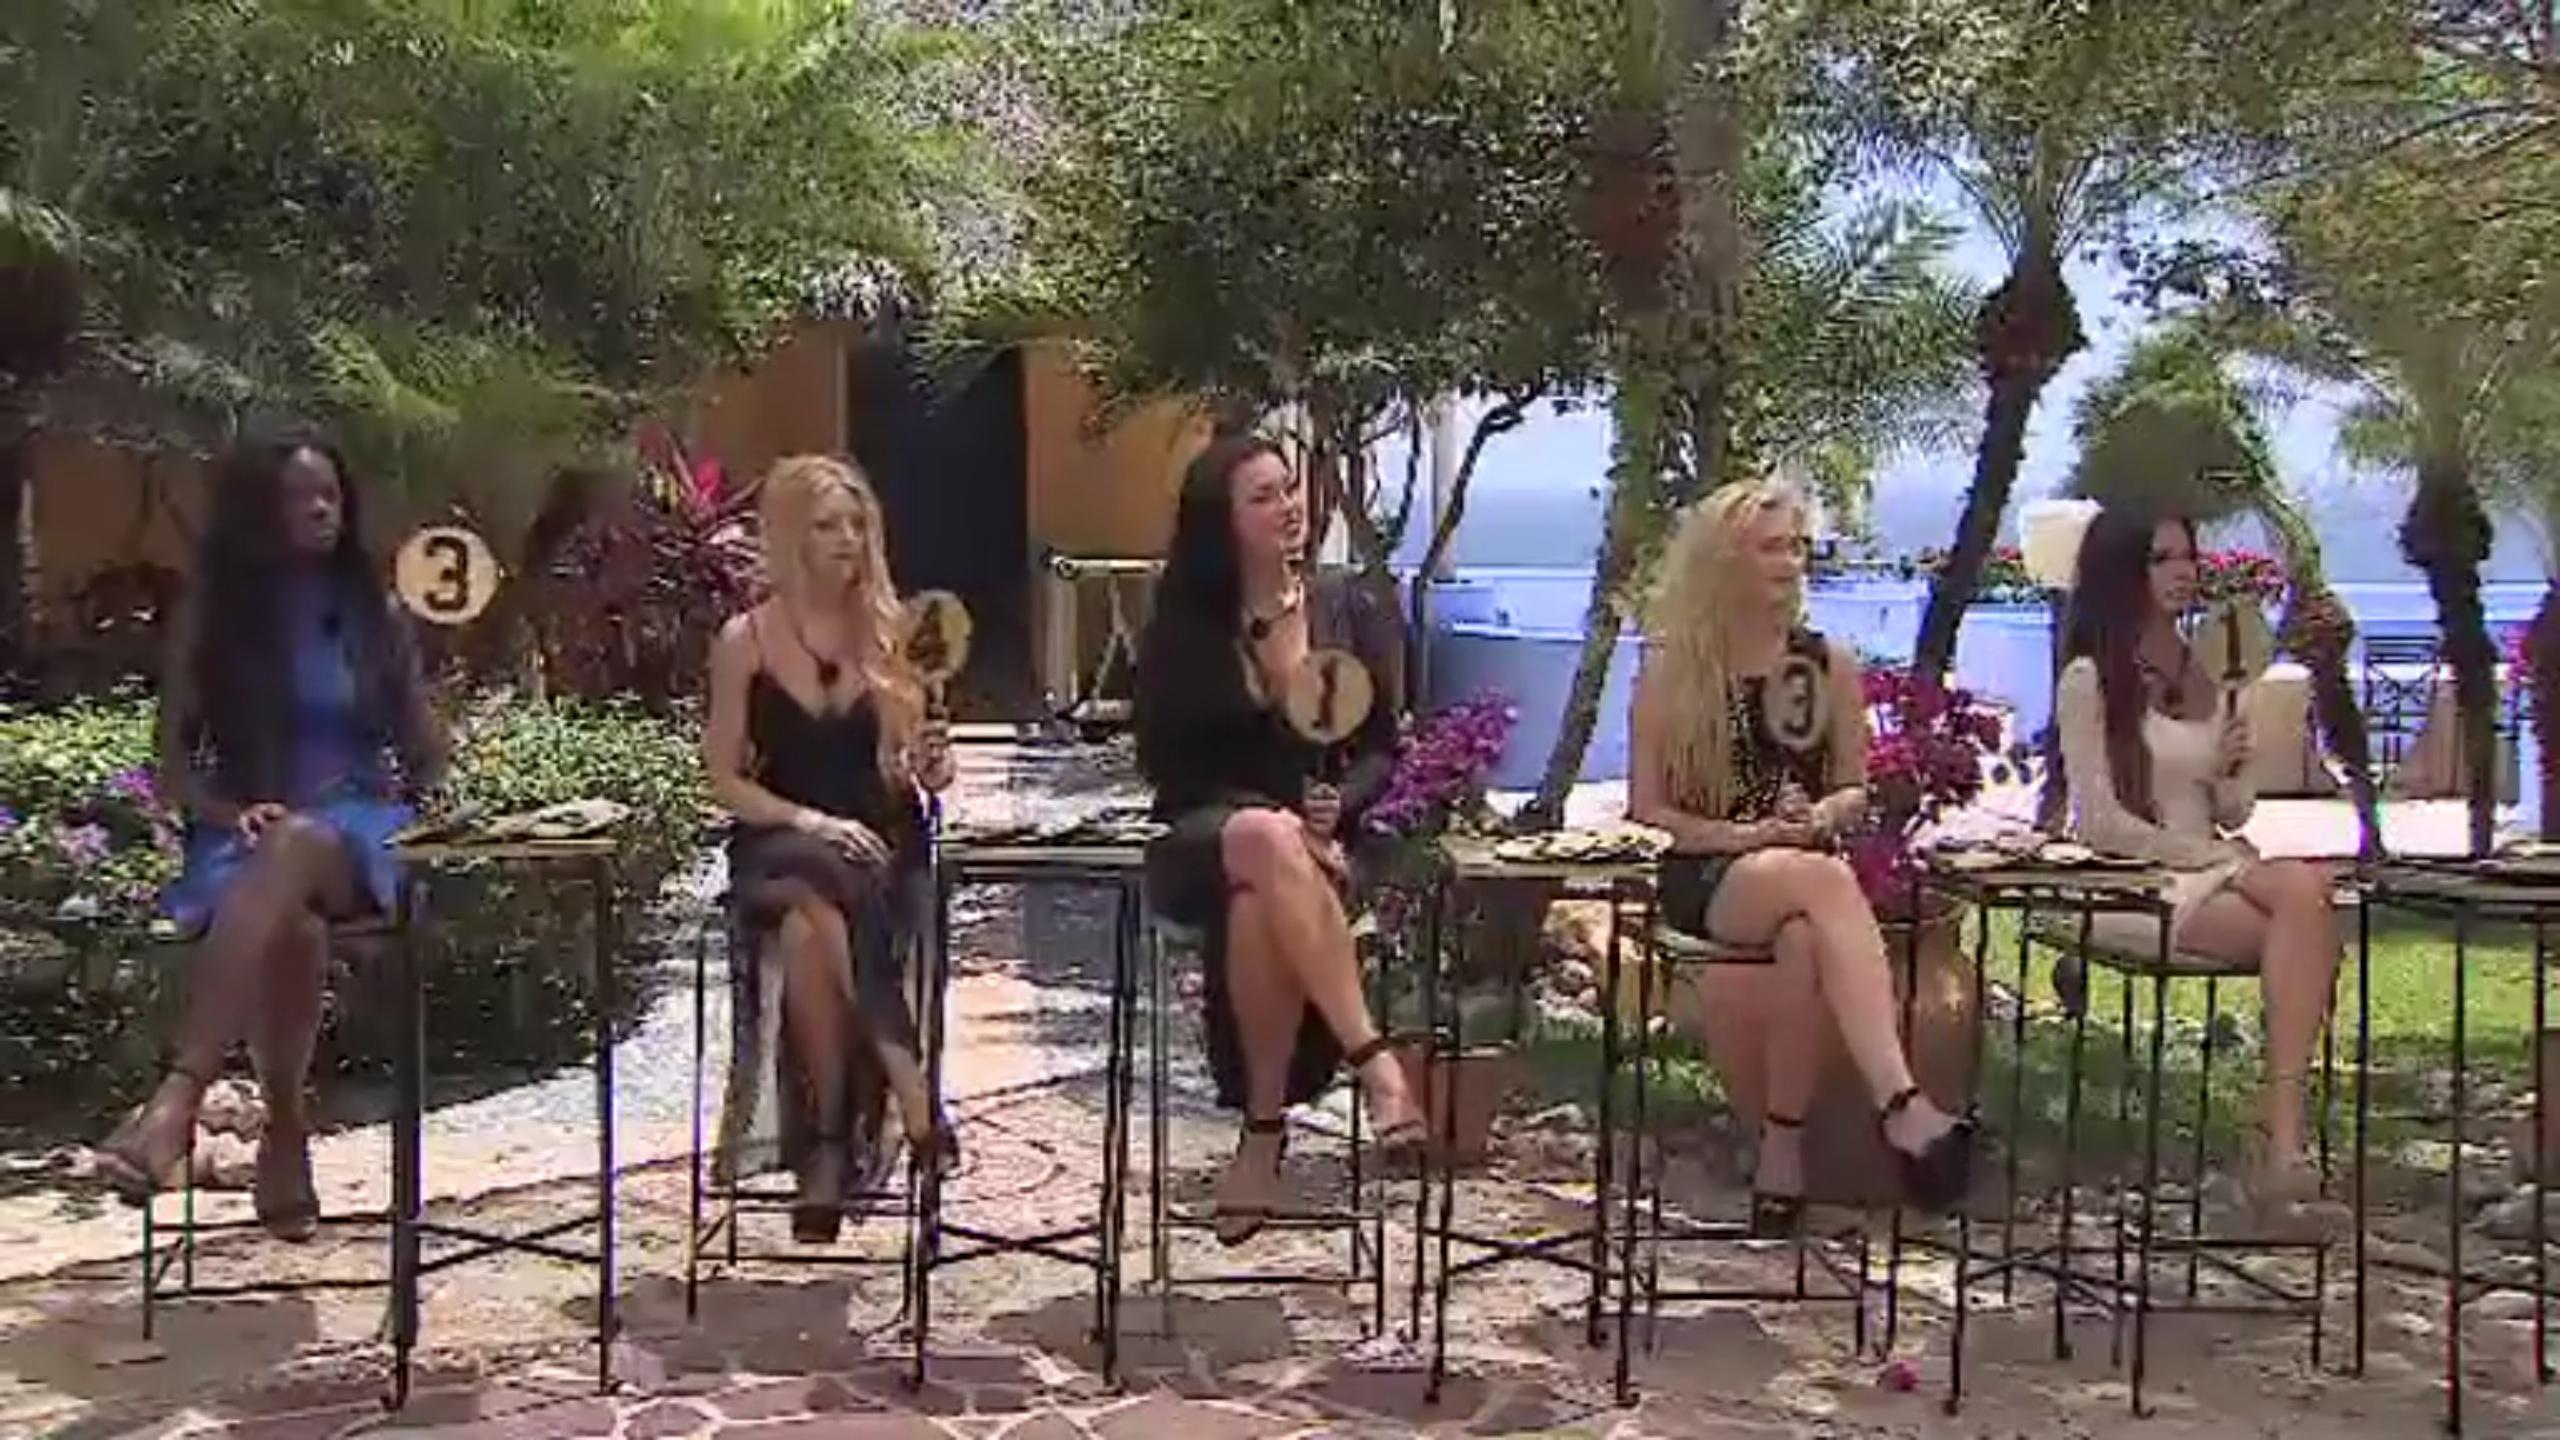 Tjejerna betygsätter killarna direkt i säsongsstarten. Foto: TV3